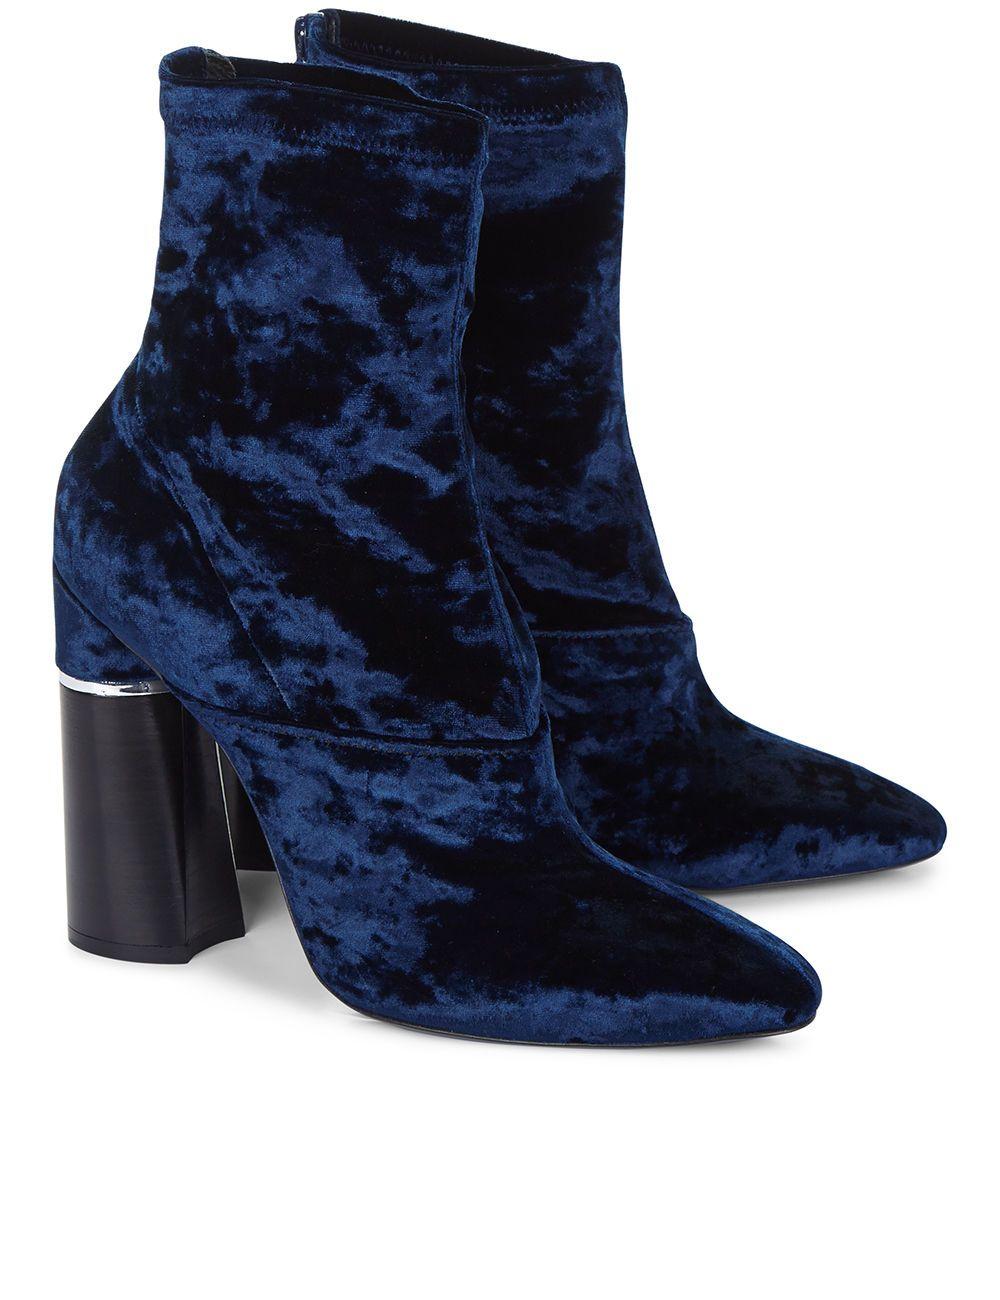 3.1 Phillip Lim Blue Velvet Kyoto Ankle Boots 5Me3Hzm